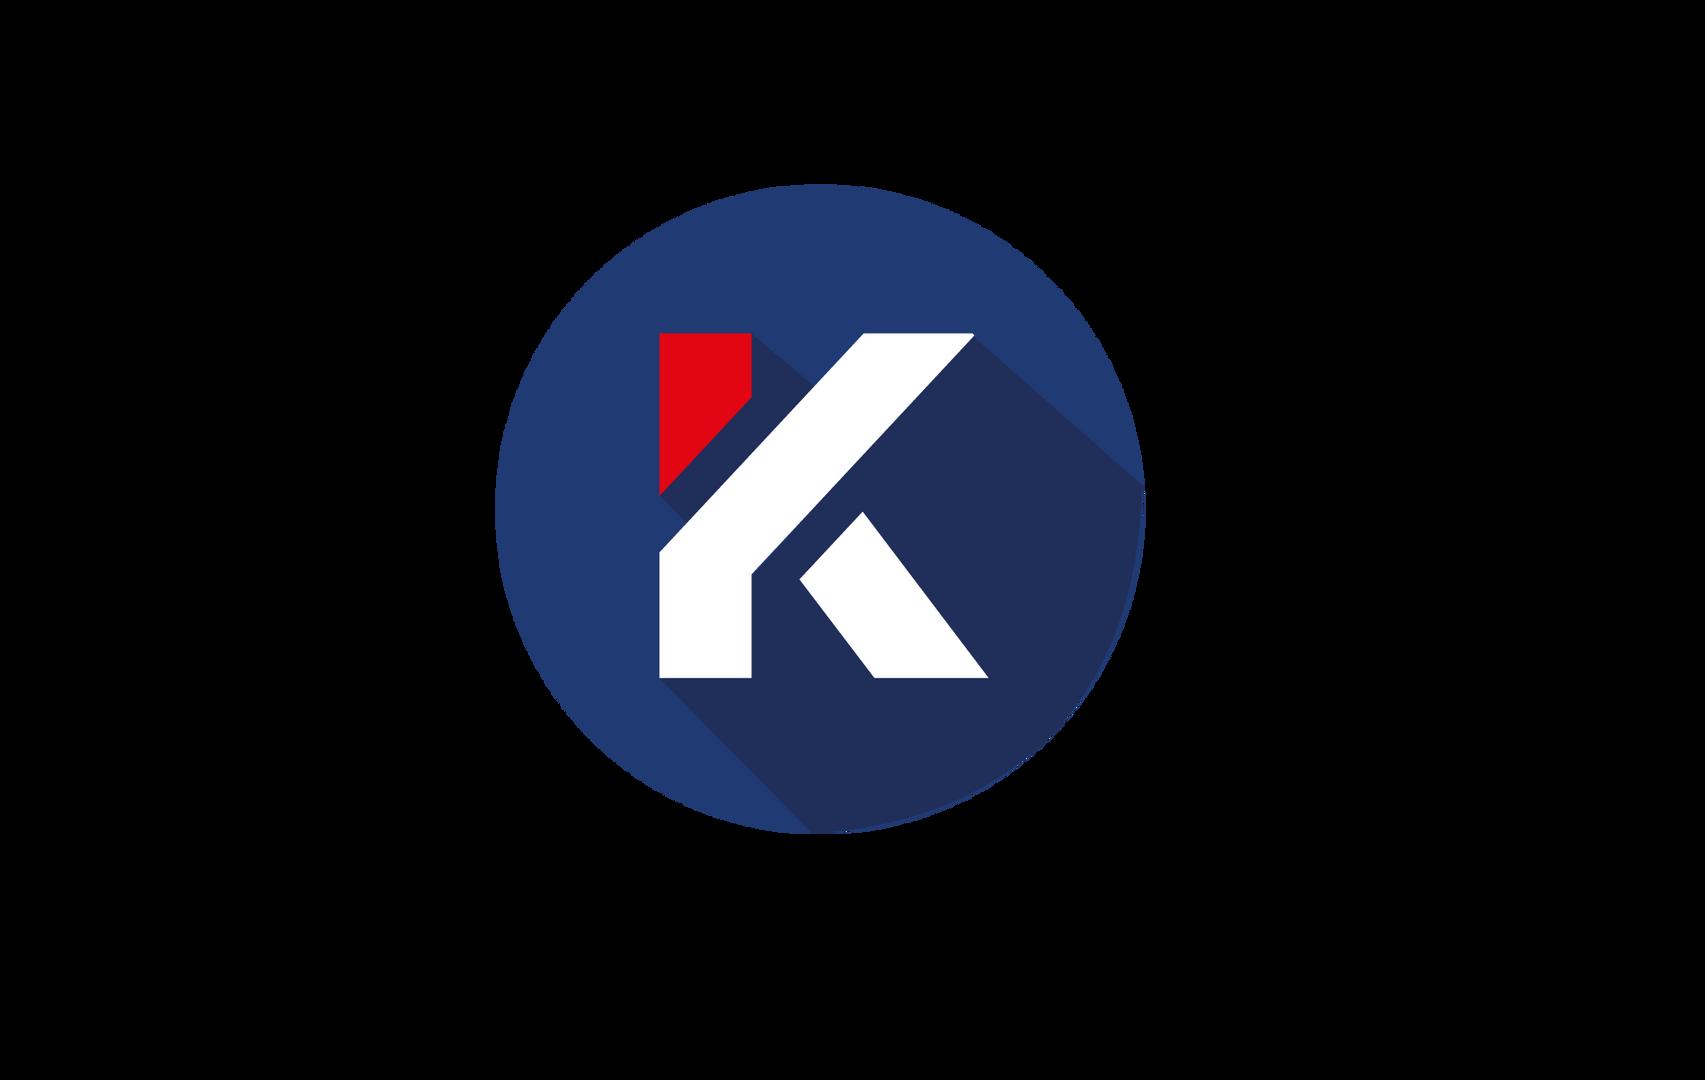 2020_12_ Kieble_Platzhalter2.png